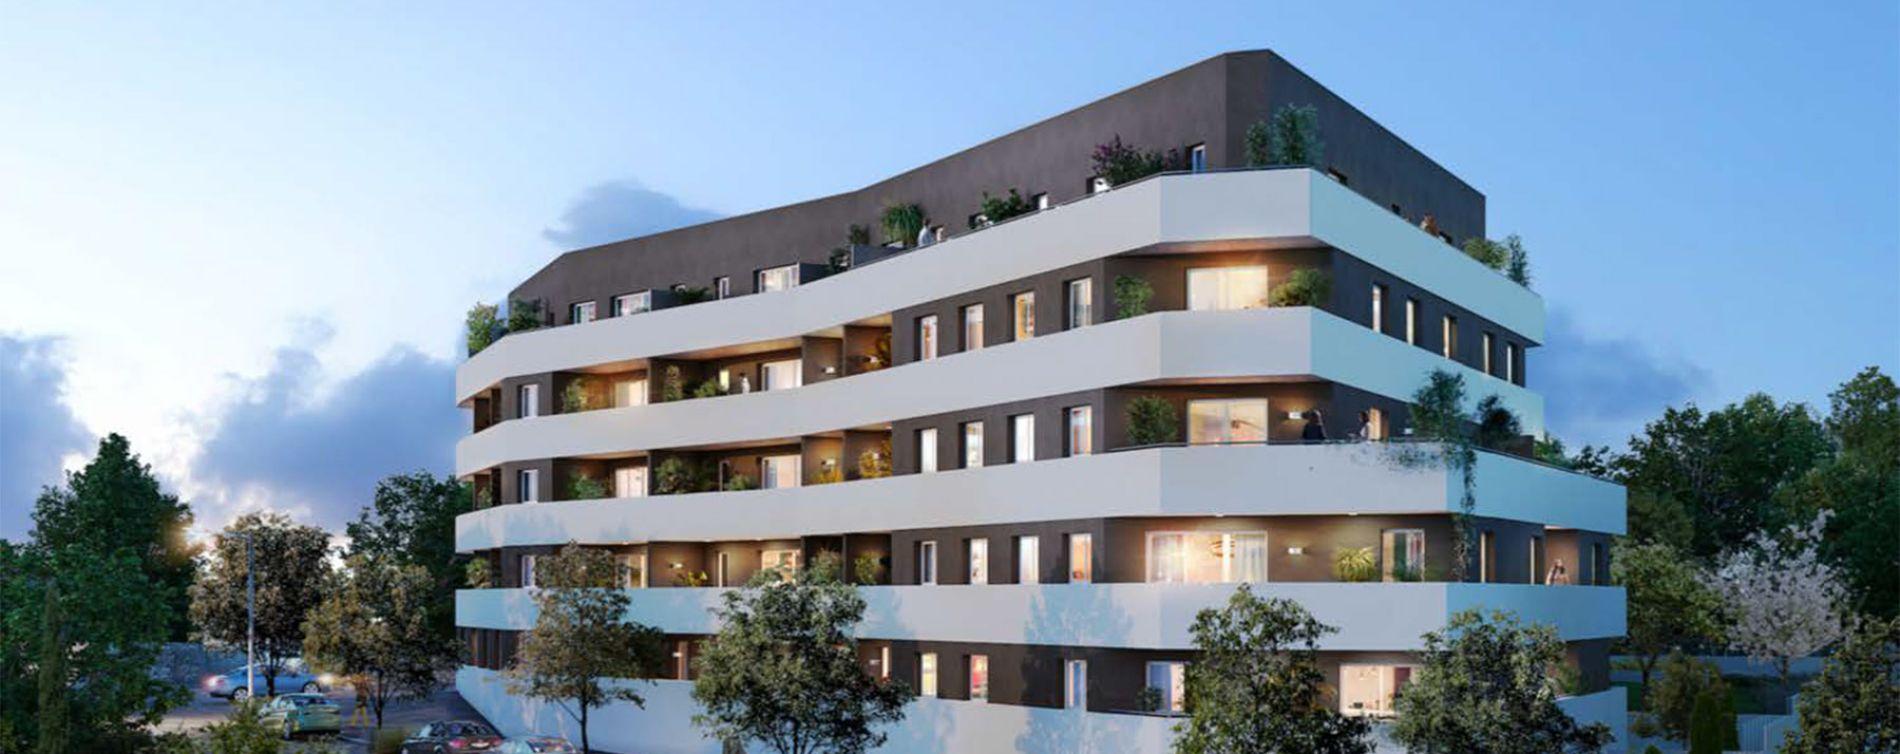 Résidence Graphik à Montpellier